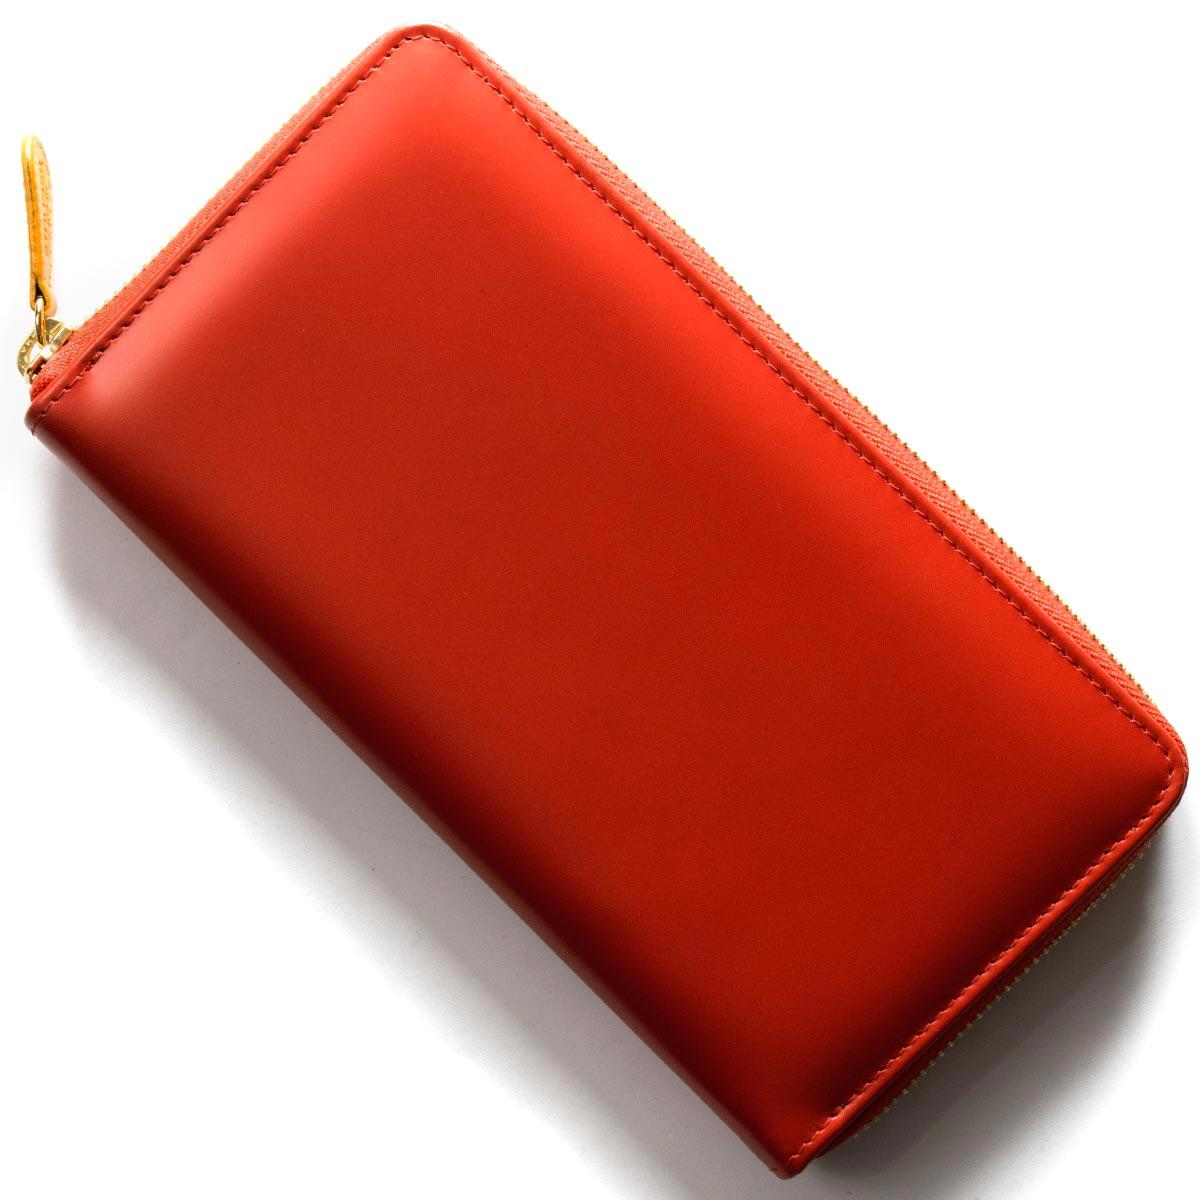 エッティンガー 長財布 財布 メンズ ブライドル レッド&パネルハイドイエロー 2051EJR BH RED ETTINGER